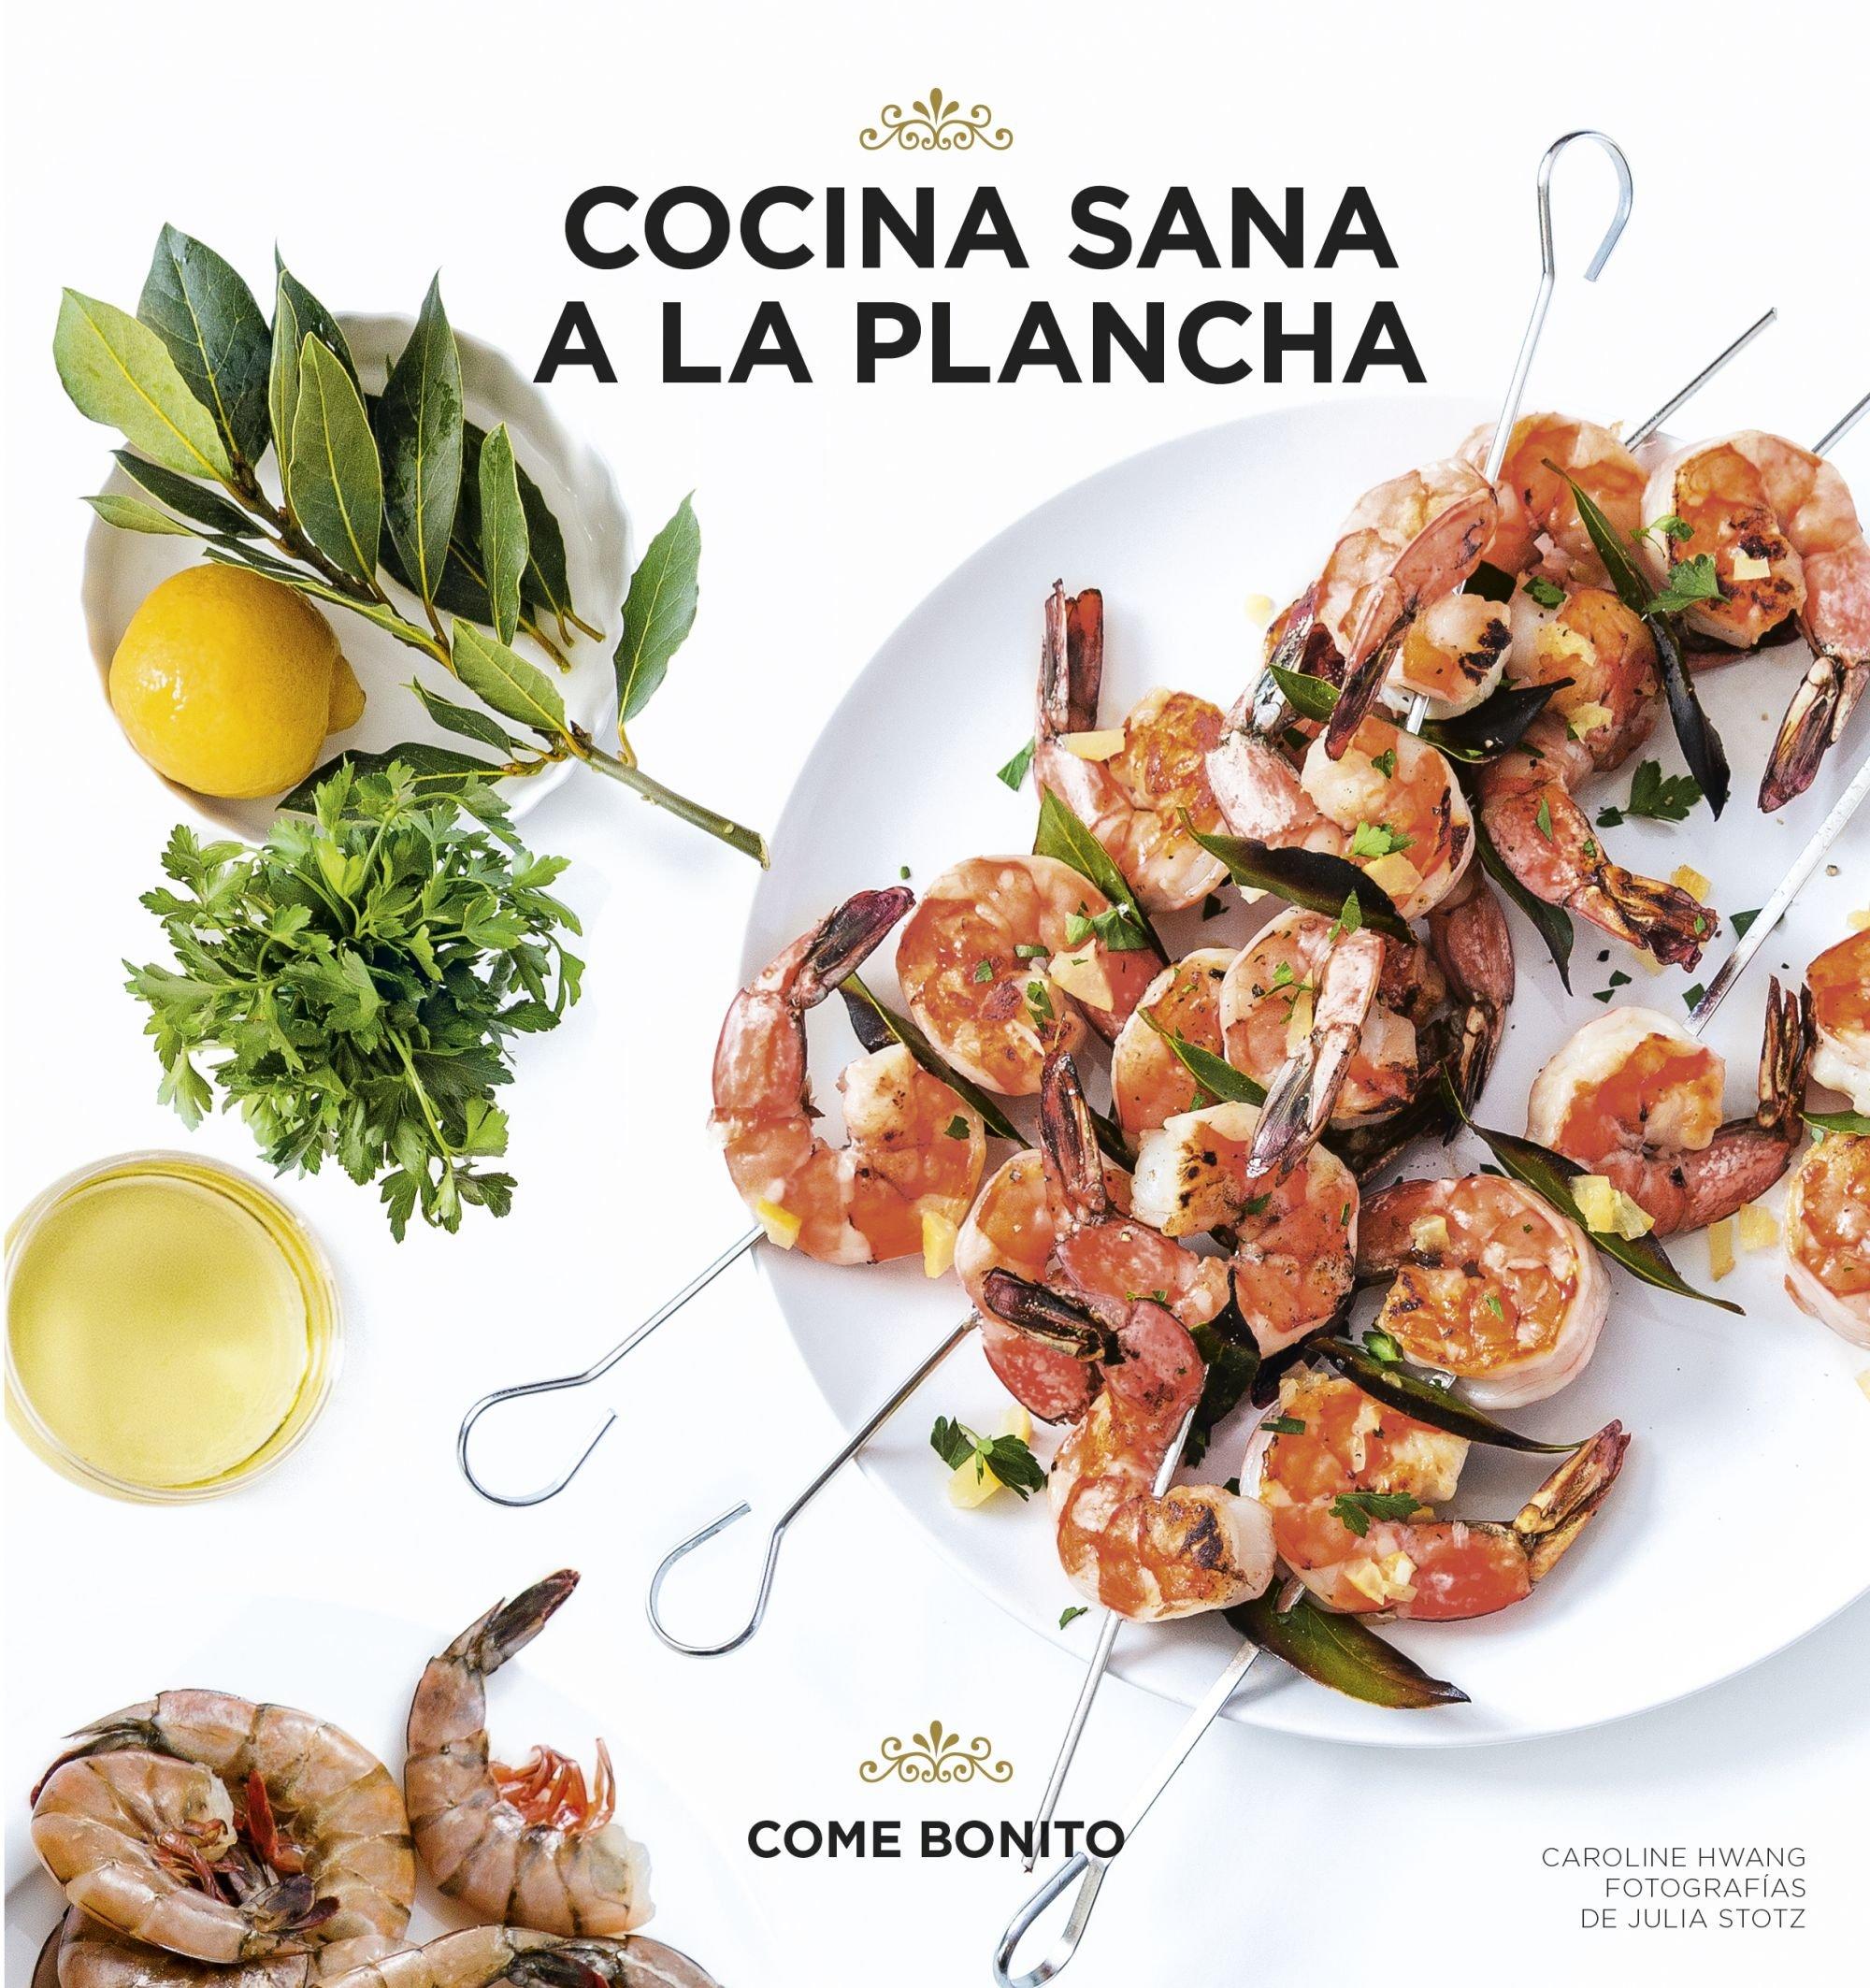 Cocina A La Plancha | Cocina Sana A La Plancha Come Bonito Amazon De Caroline Hwang